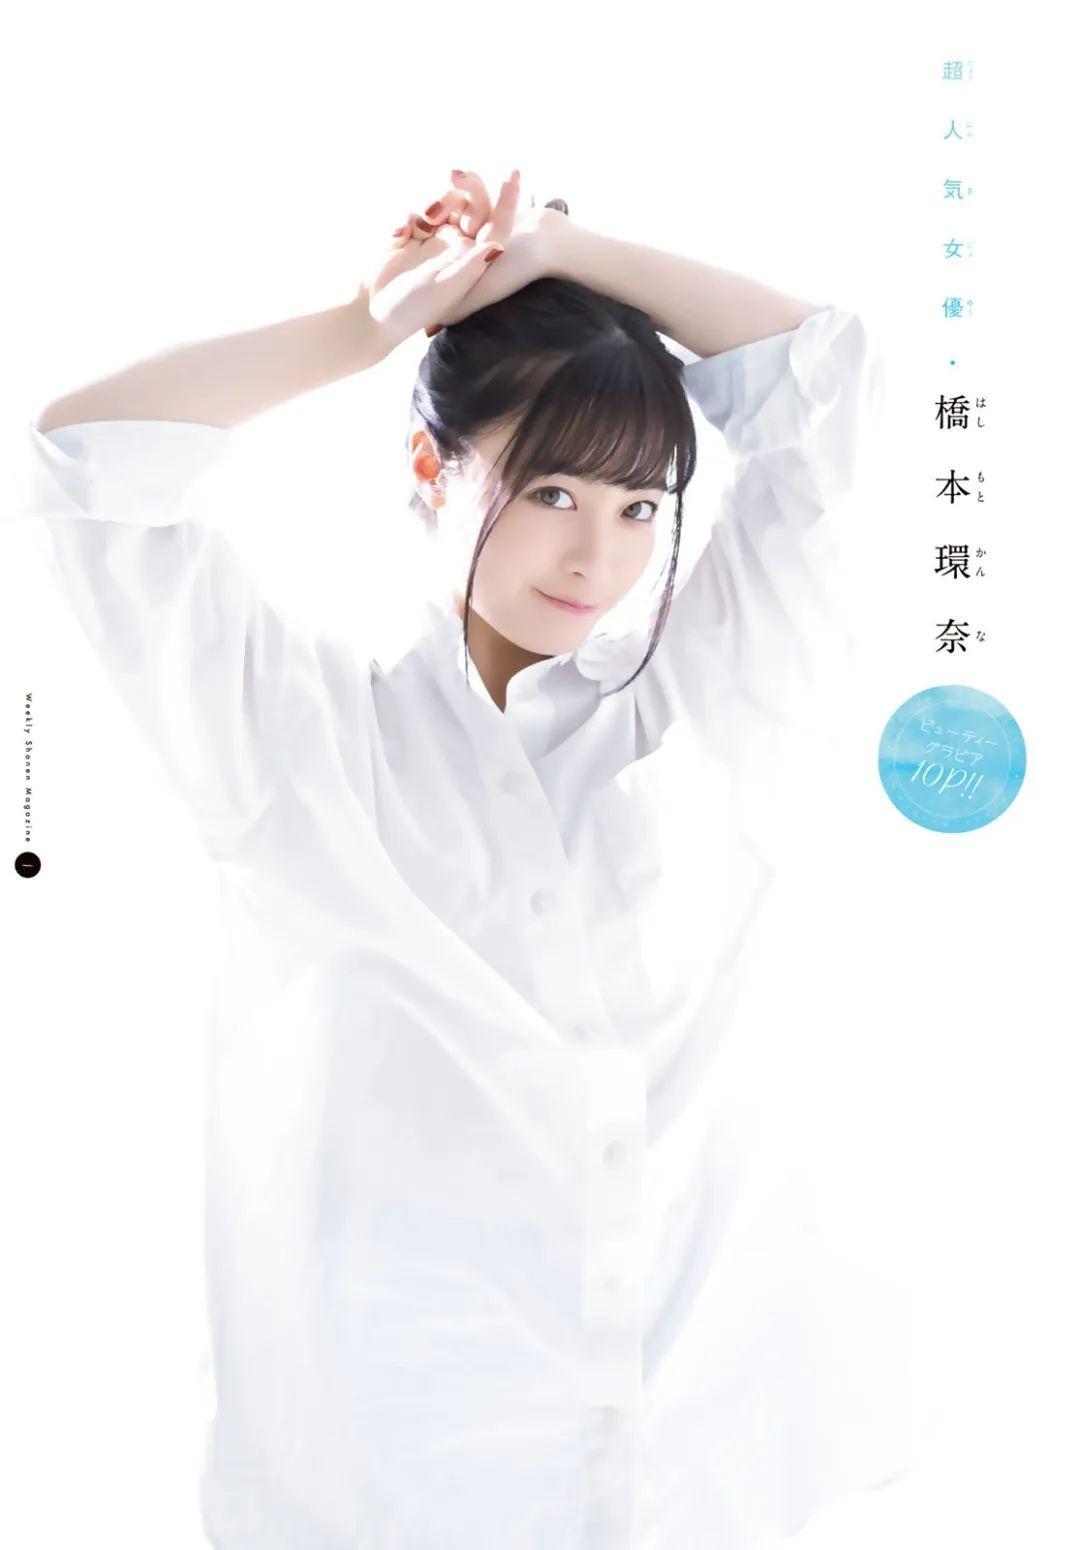 桥本环奈《周刊少年Jump》,气质美少女!_图片 No.3